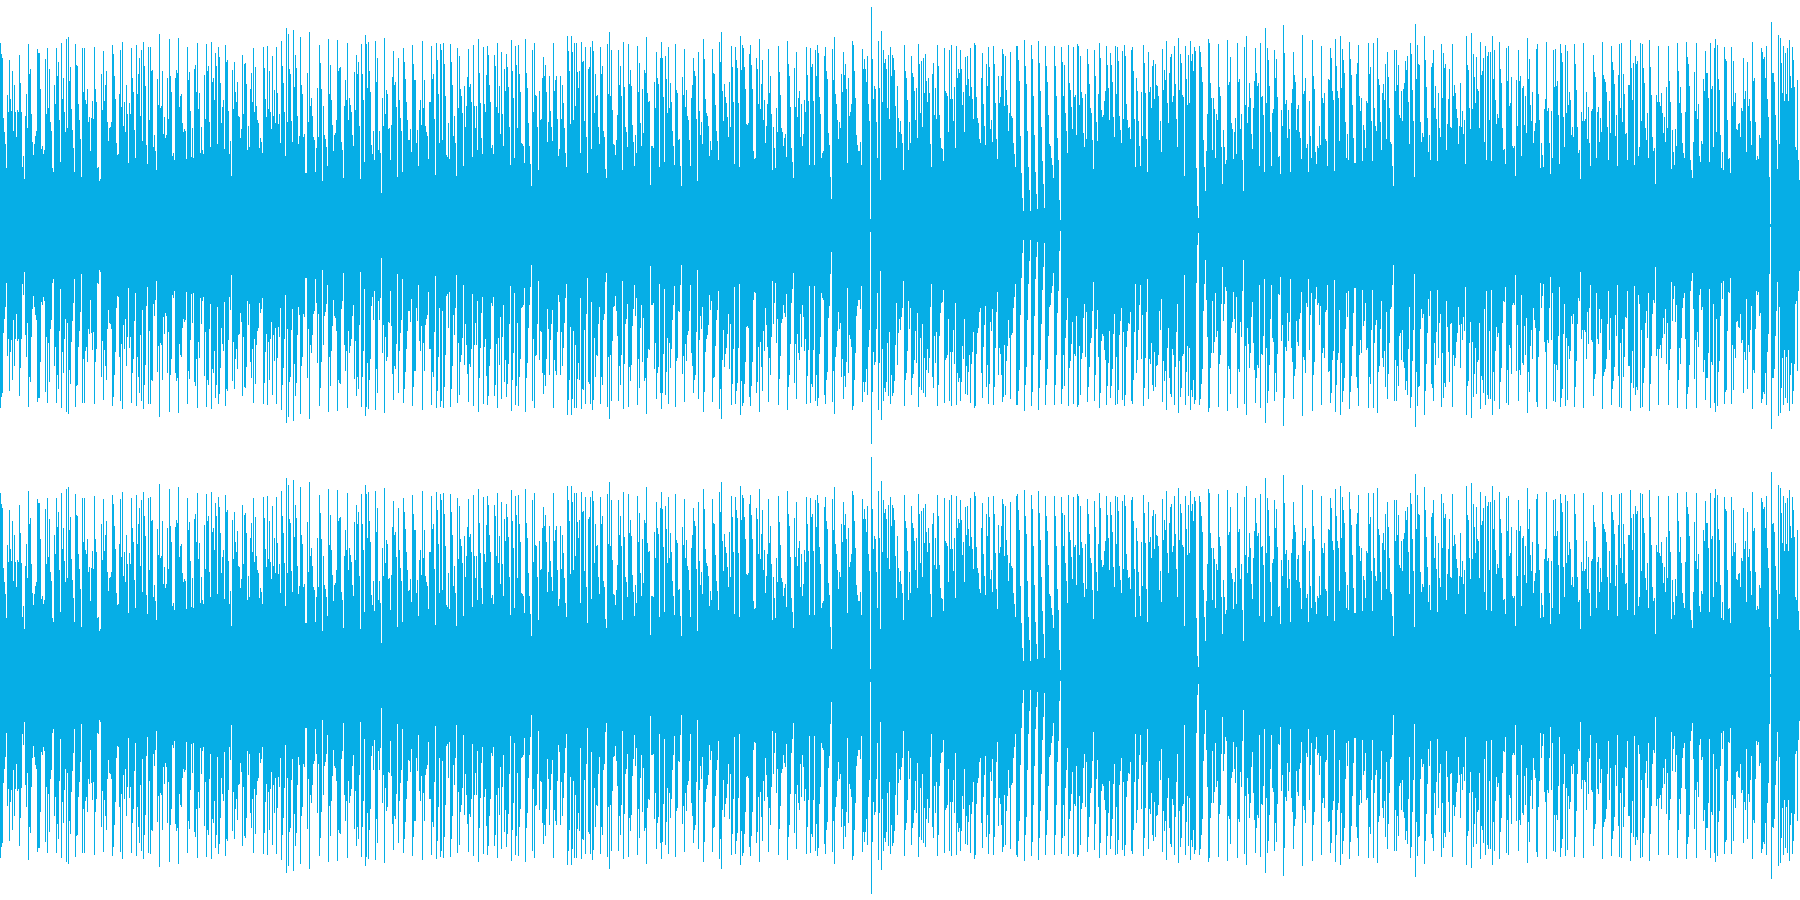 BGM010-05 チップチューン ル…の再生済みの波形